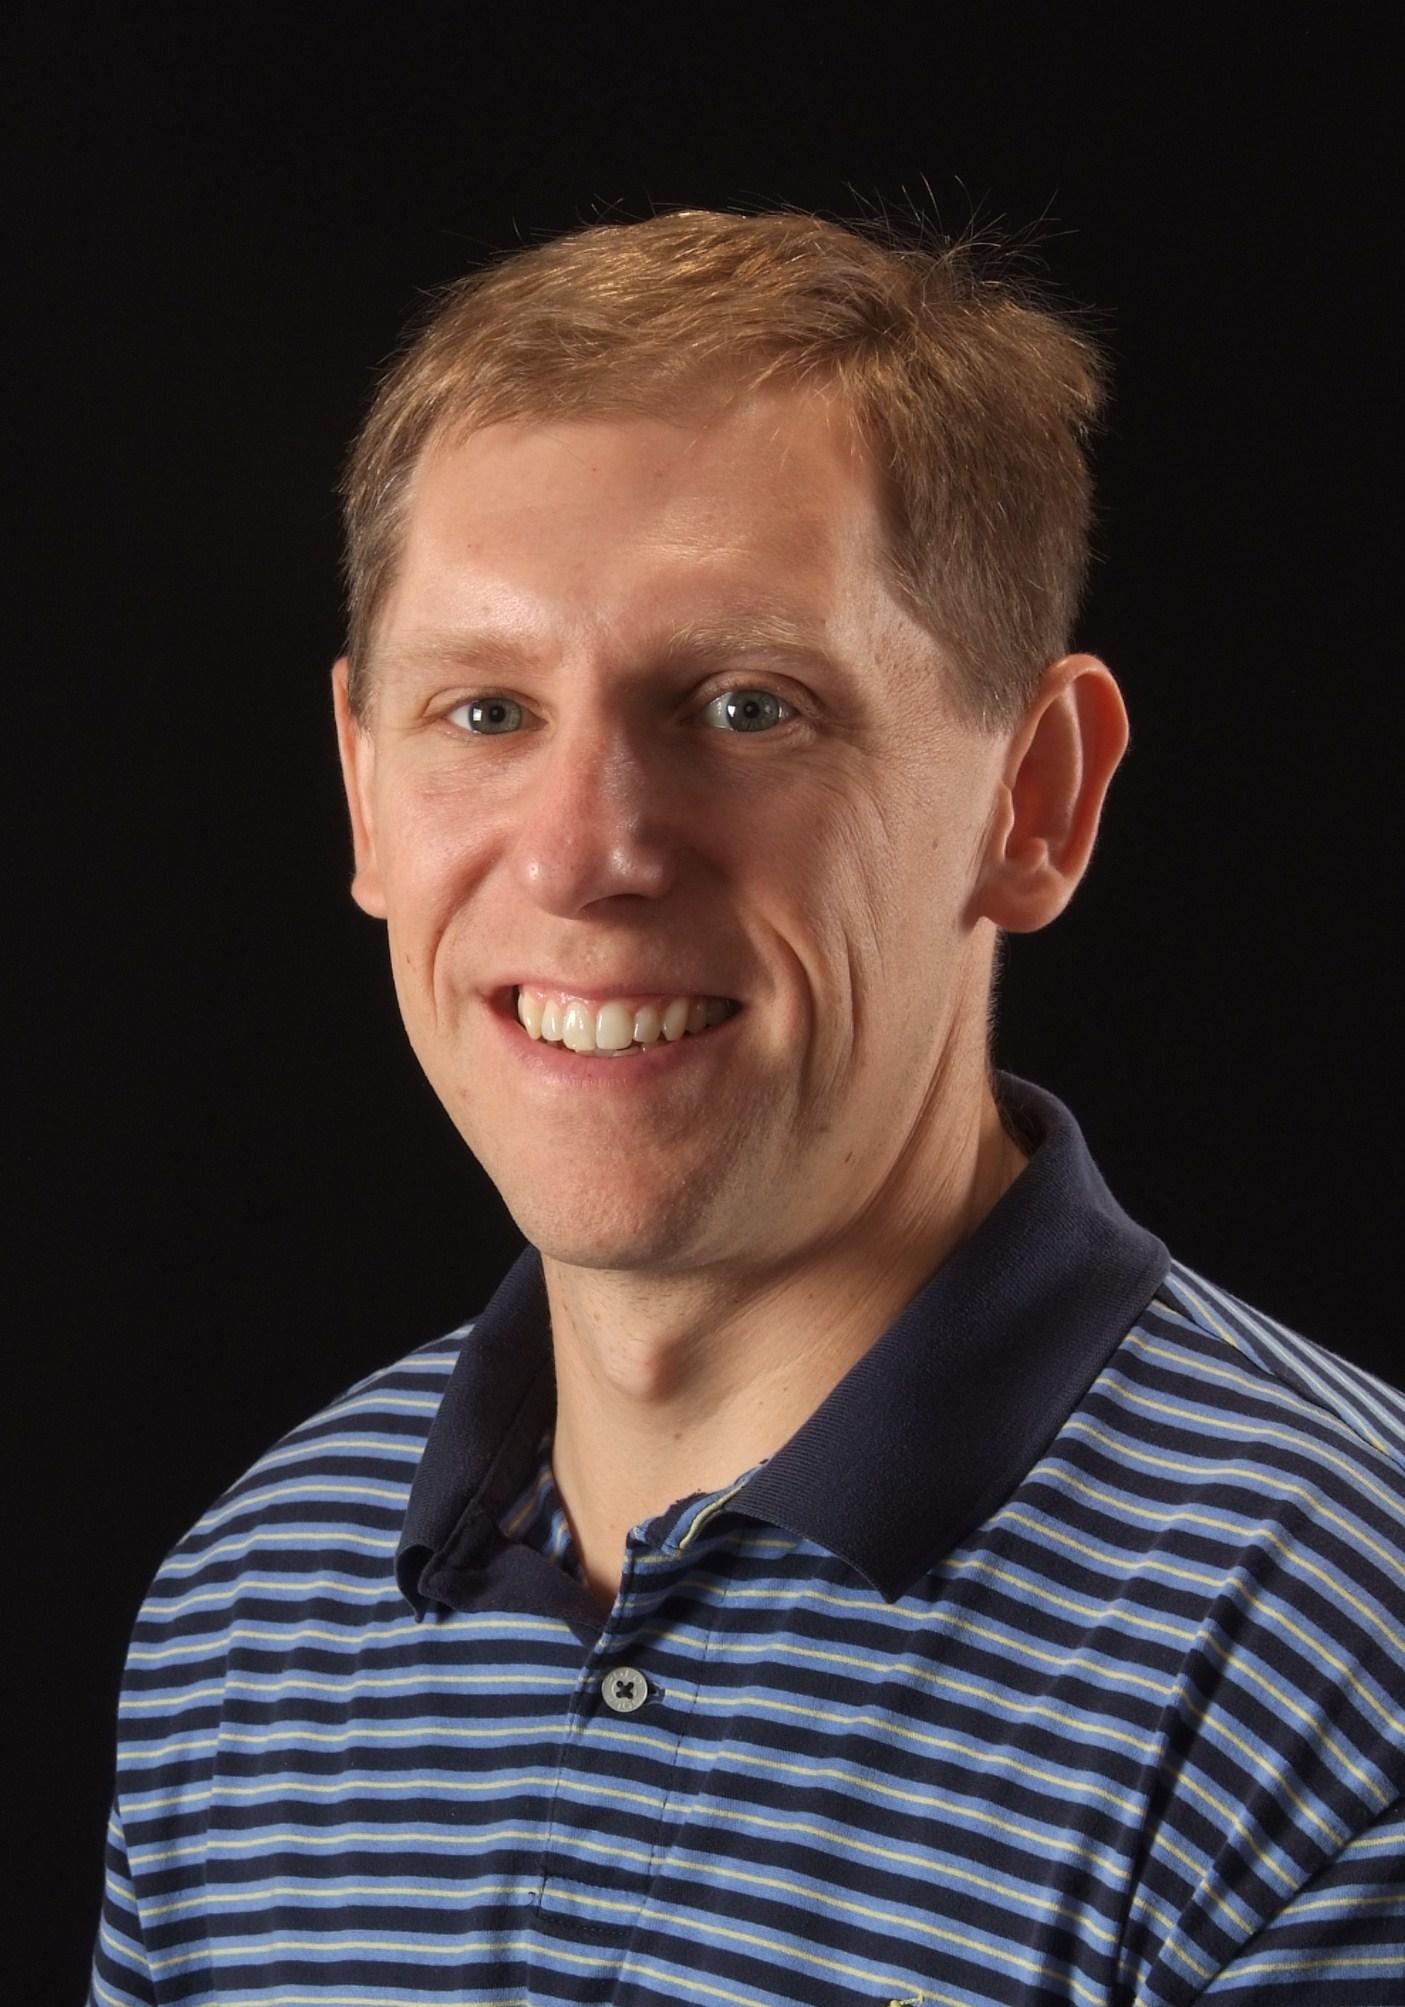 Dave Carmany